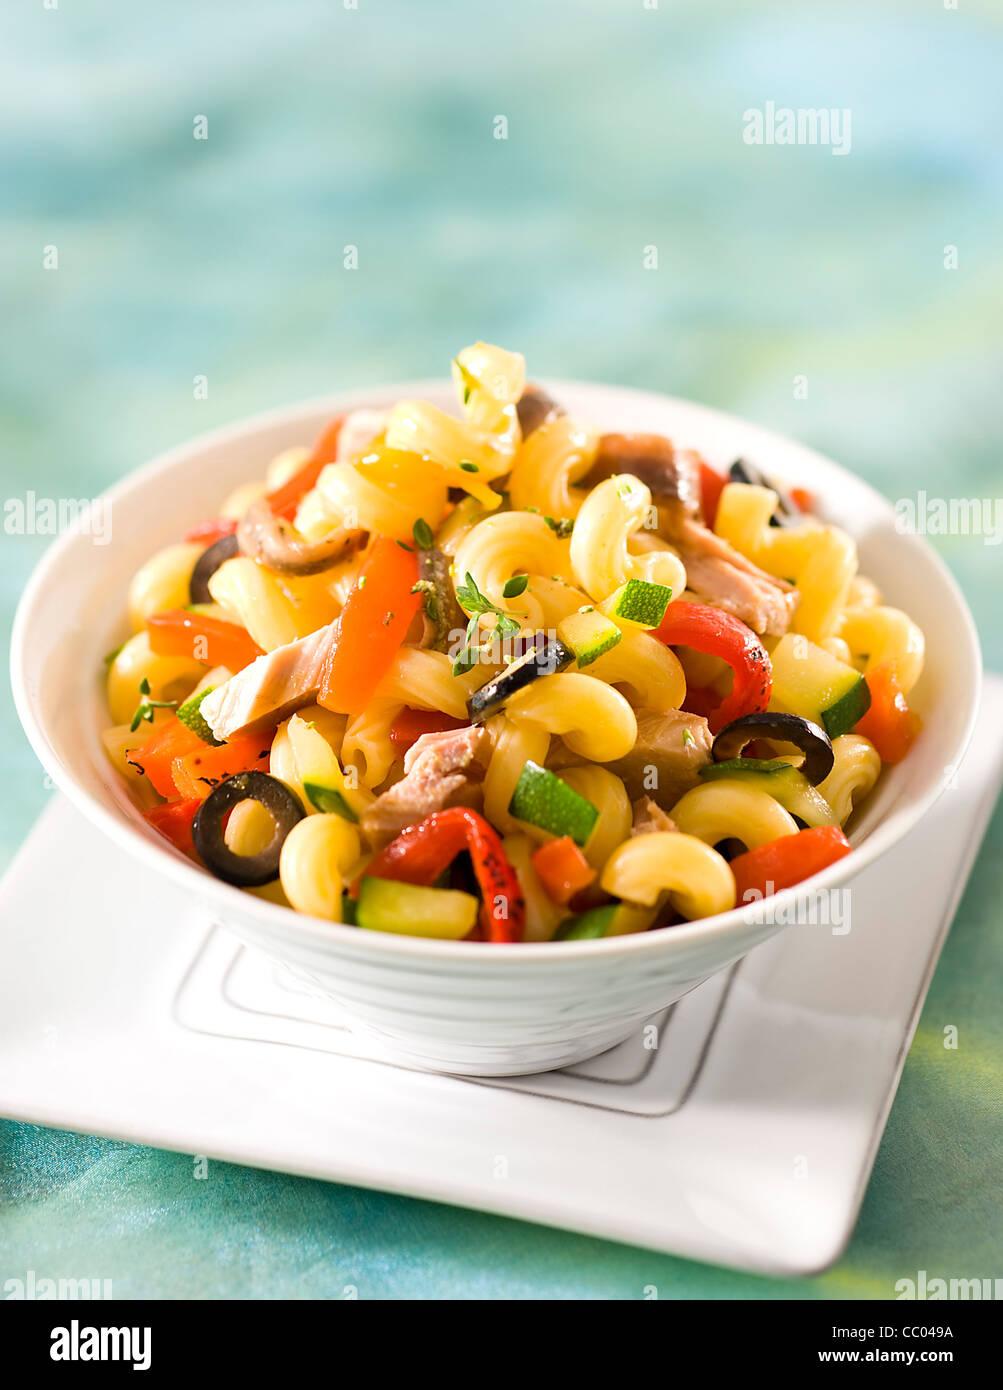 Les pâtes au thon et salade Thym Photo Stock